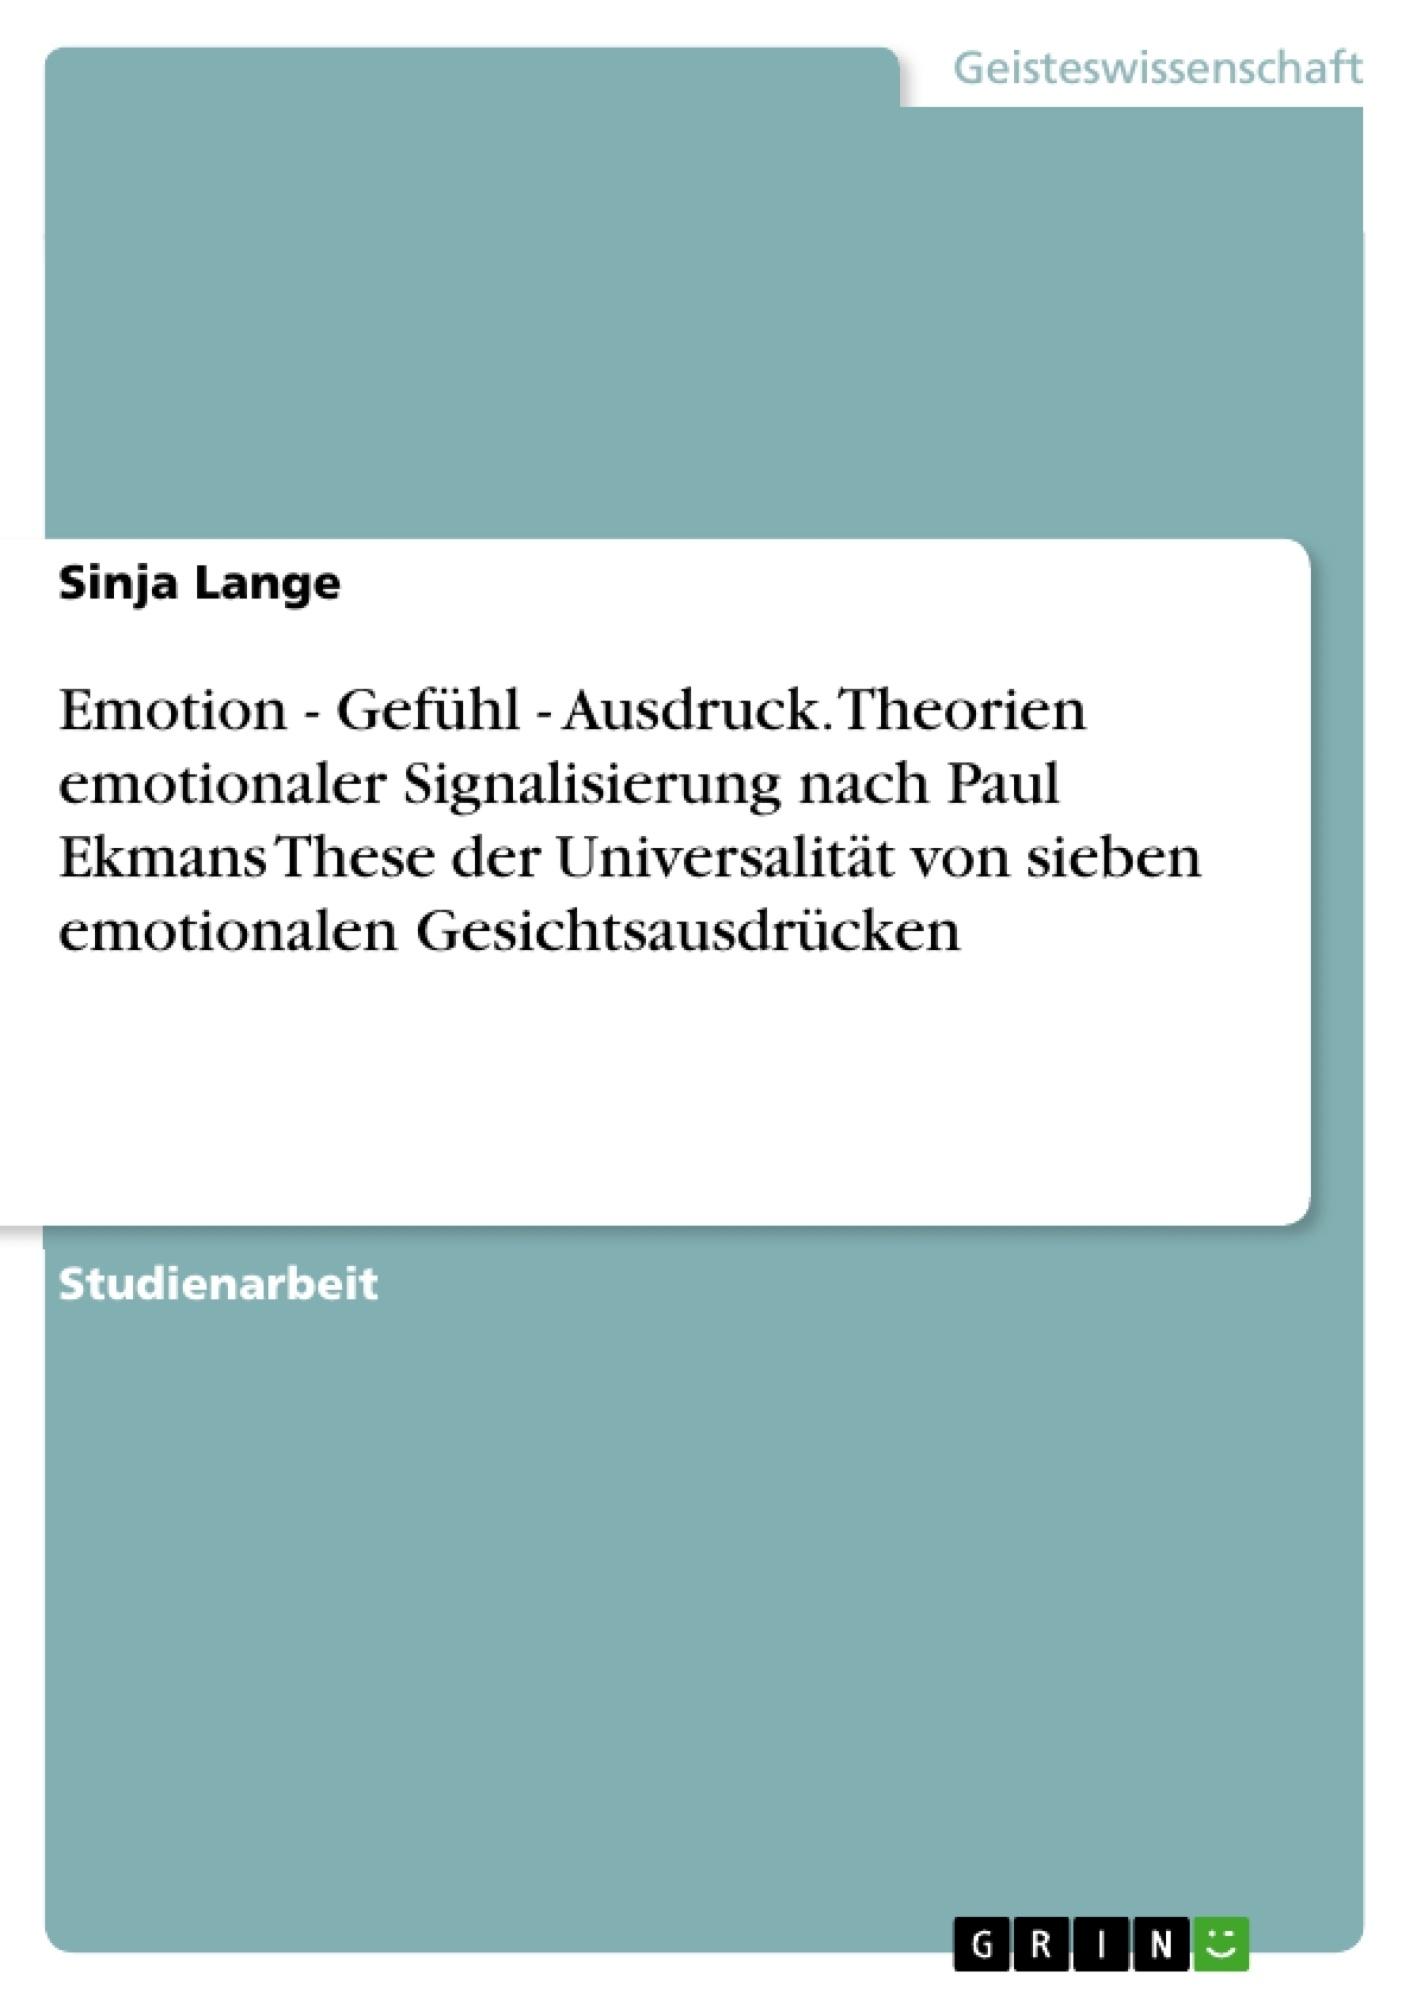 Titel: Emotion - Gefühl - Ausdruck. Theorien emotionaler Signalisierung nach Paul Ekmans These der Universalität von sieben emotionalen Gesichtsausdrücken